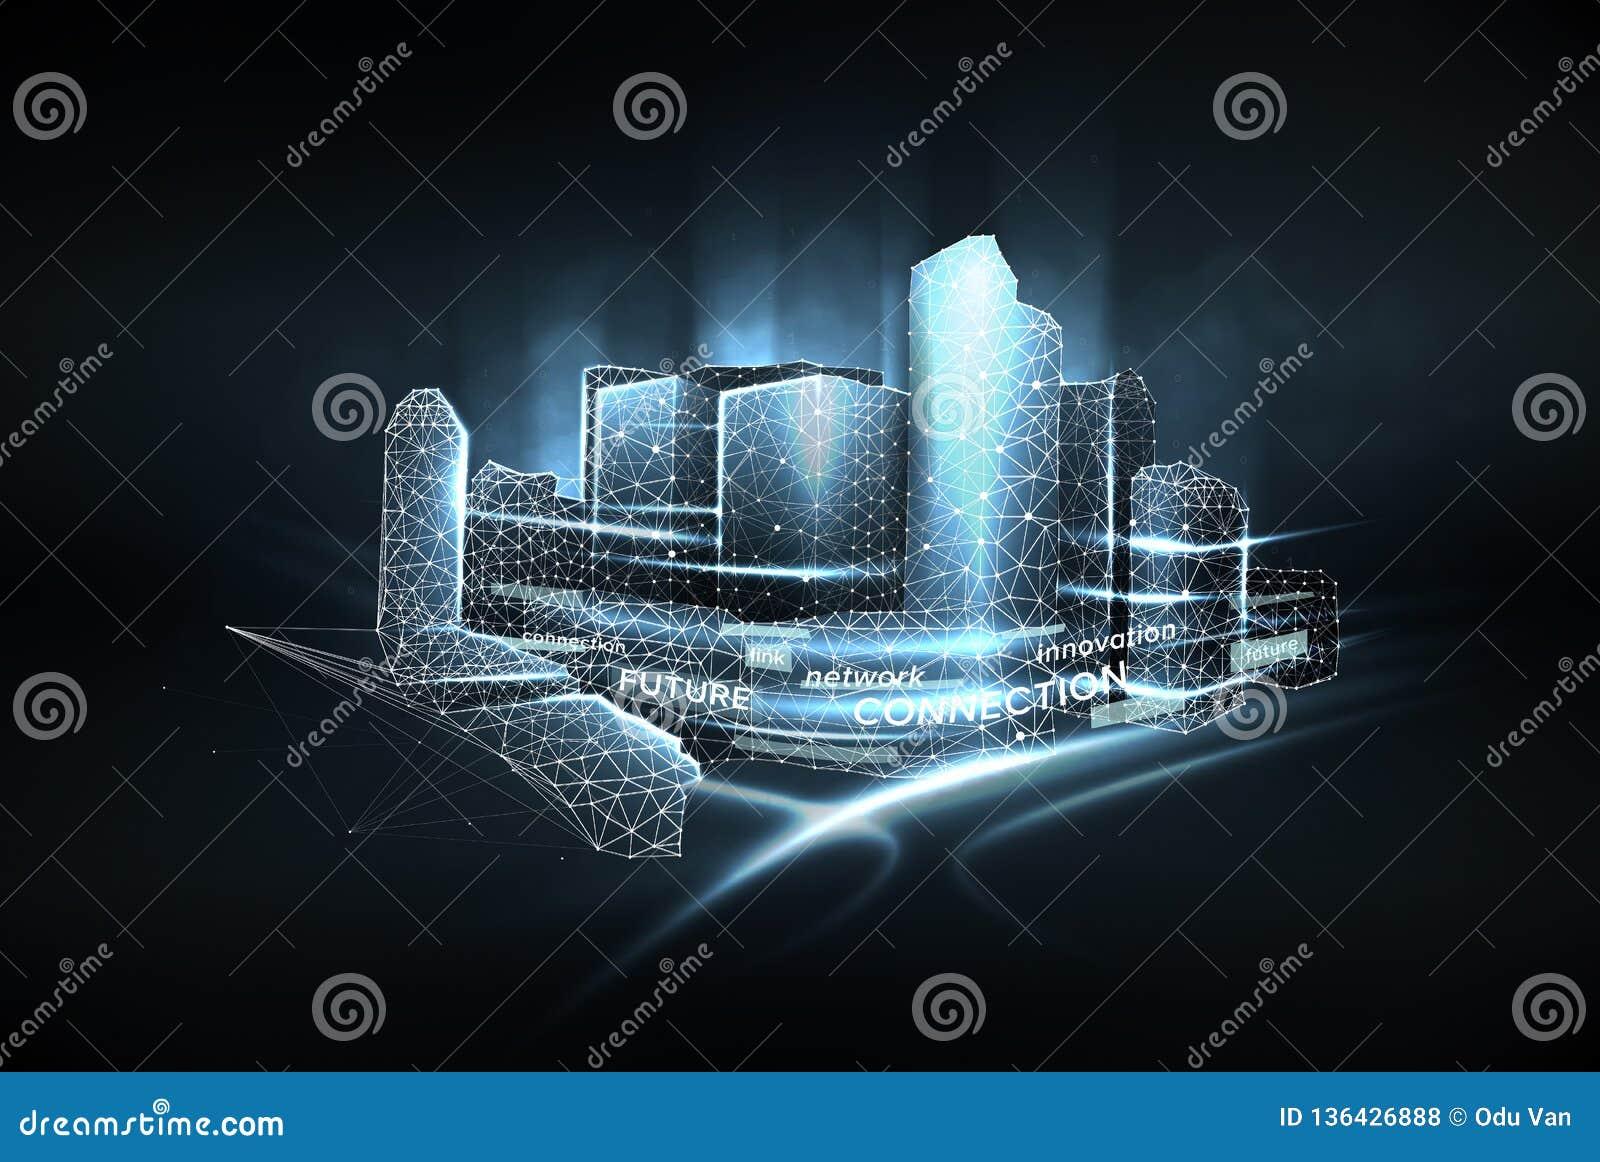 Wireframe города низкое поли Концепция умной сети города, связи интернета и цифровой системы регулирования дорожного движения